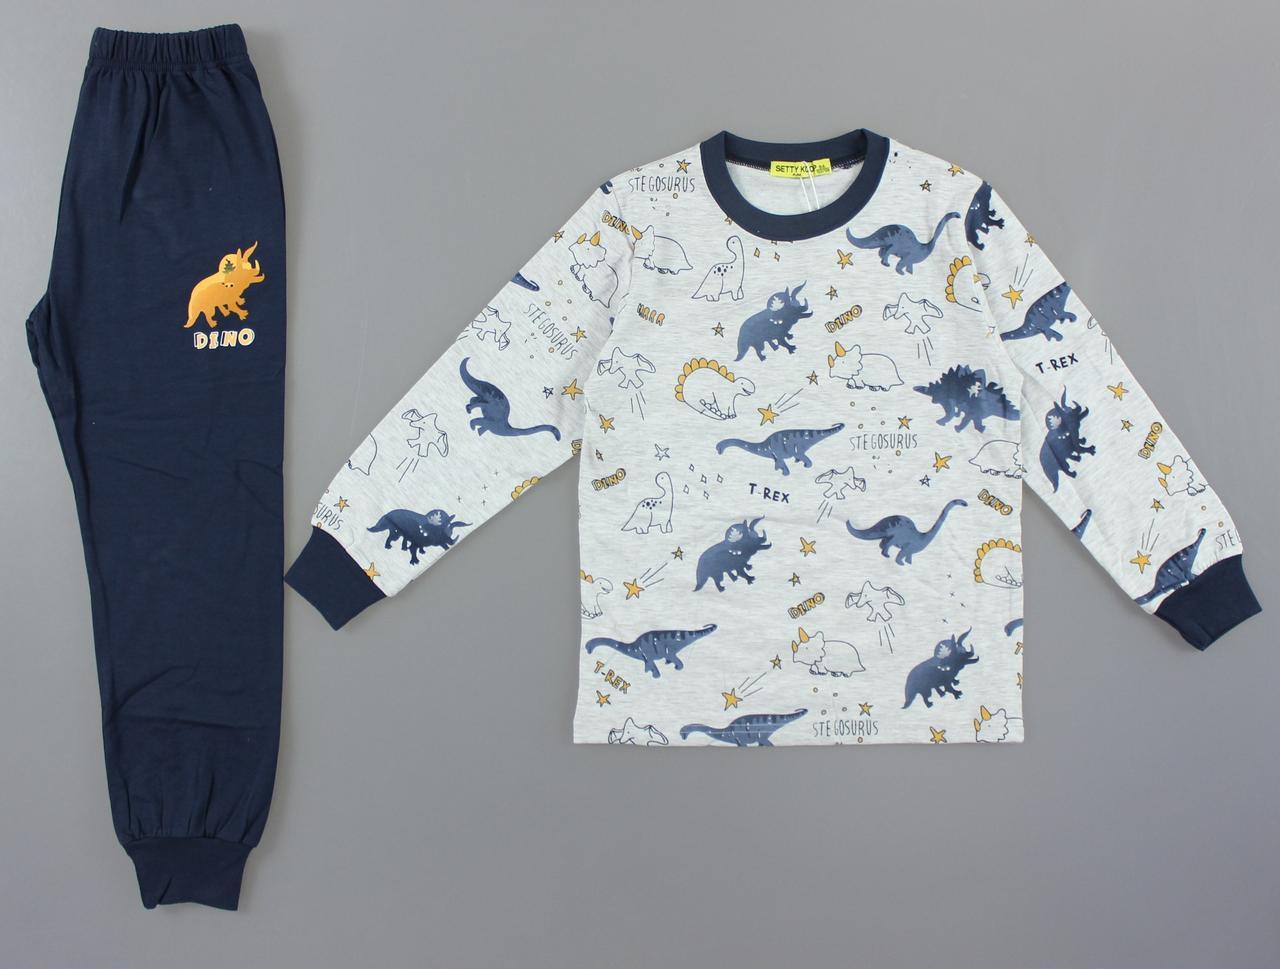 {есть:4 года} Пижама для мальчиков Setty Koop, Артикул: PJM094 [4 года]